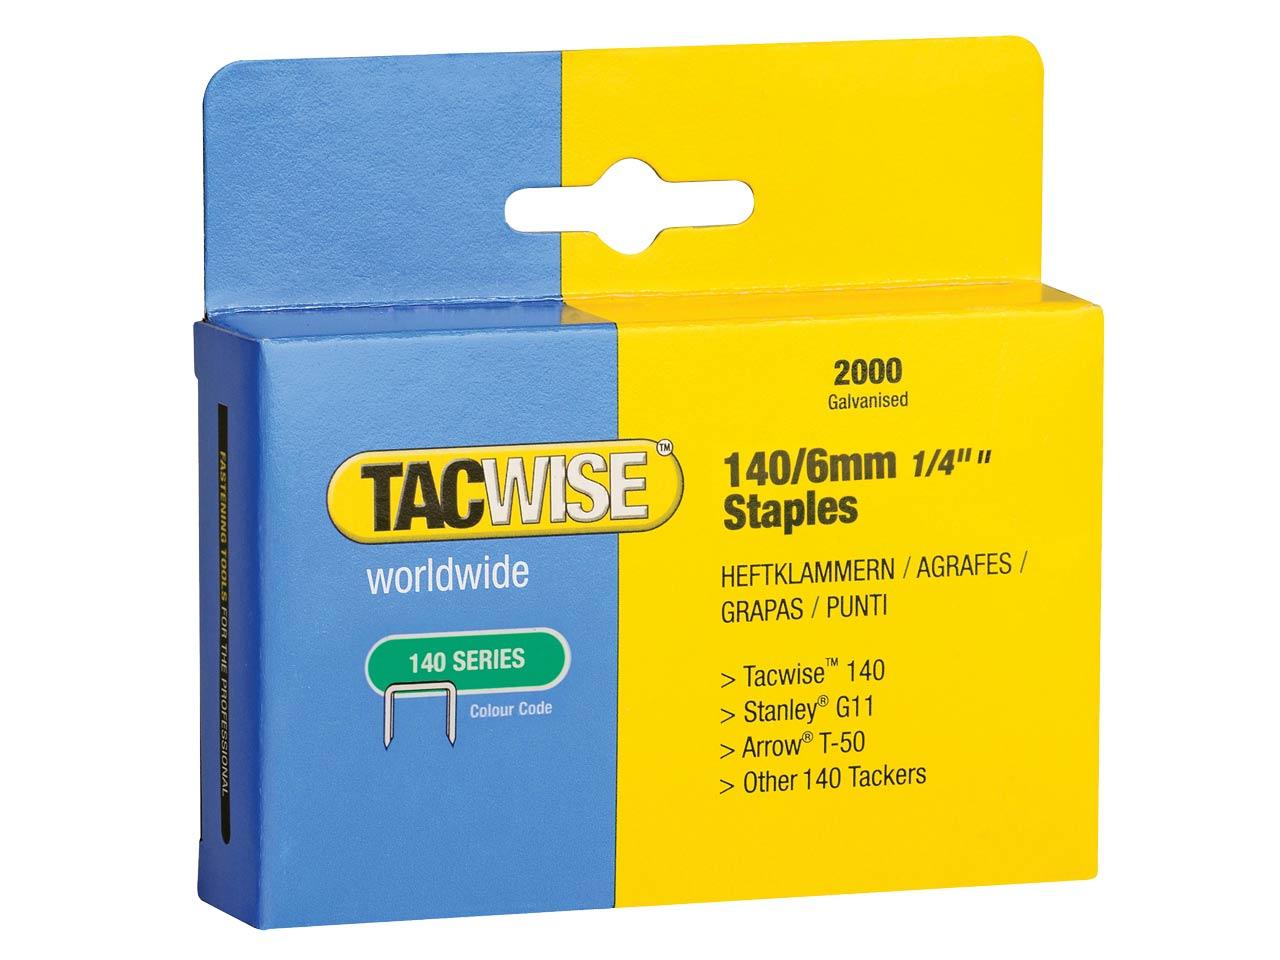 Tacwise_0345.jpg